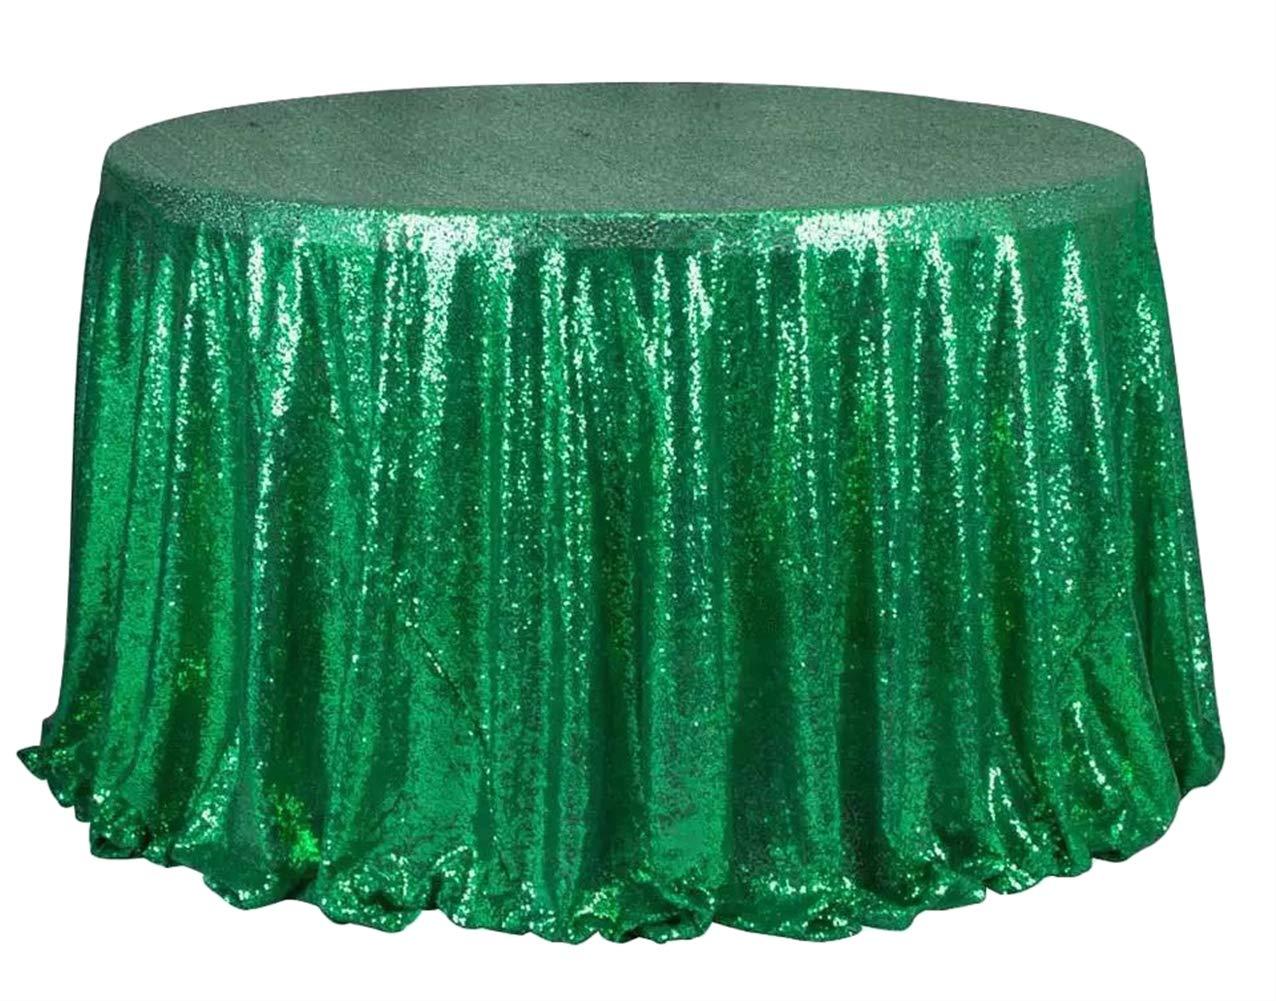 Liveinu きらめくグリッツ スパンコール テーブルクロス パーティー テーブルカバー テーブルランナー ウェディング ケーキ デザート テーブル 展示会 イベント テーブルリネン 60